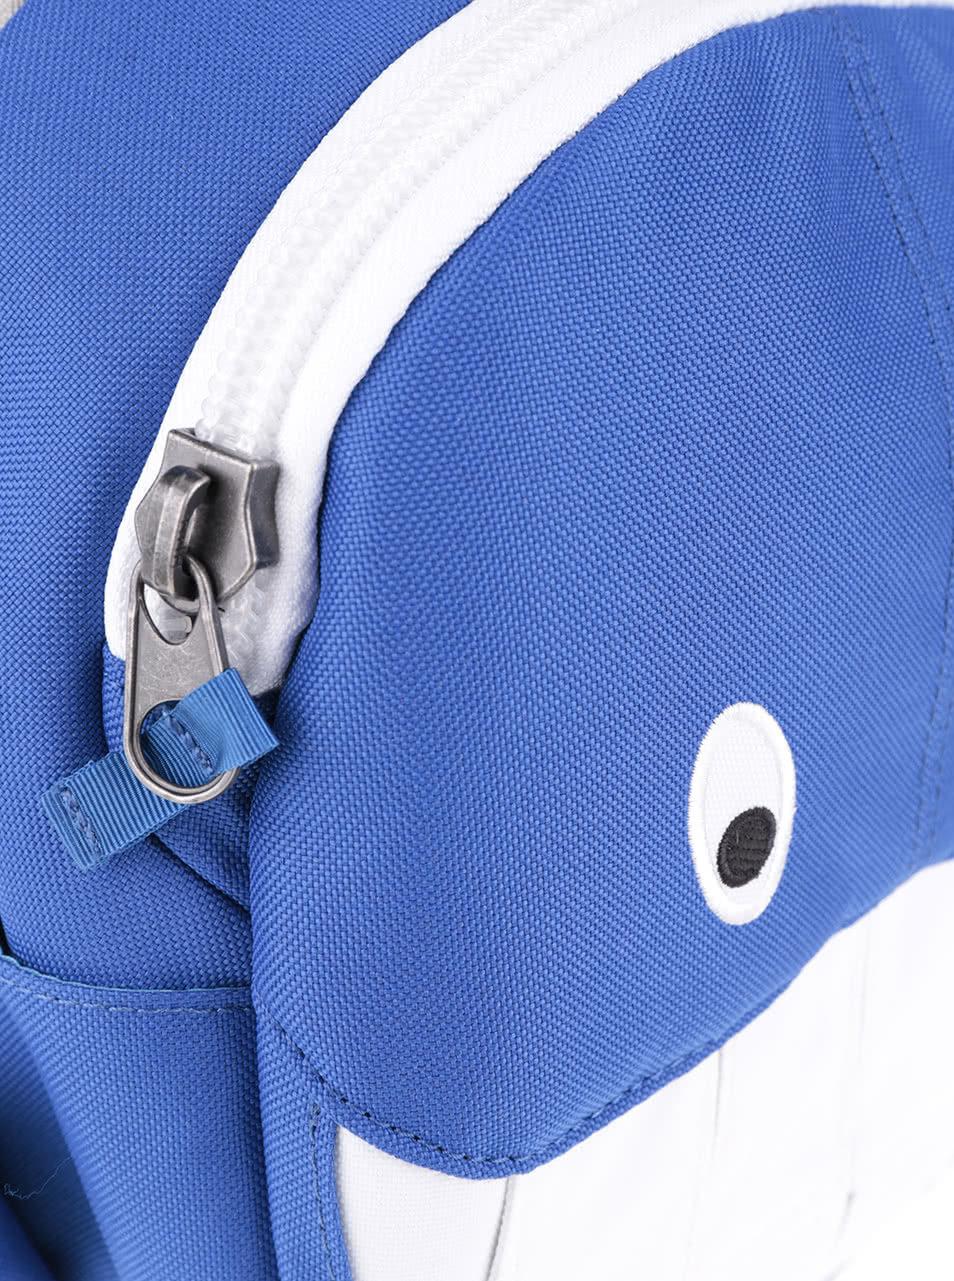 3a9ddbac85 Bielo-modrý batoh v tvare veľryby Affenzahn ...